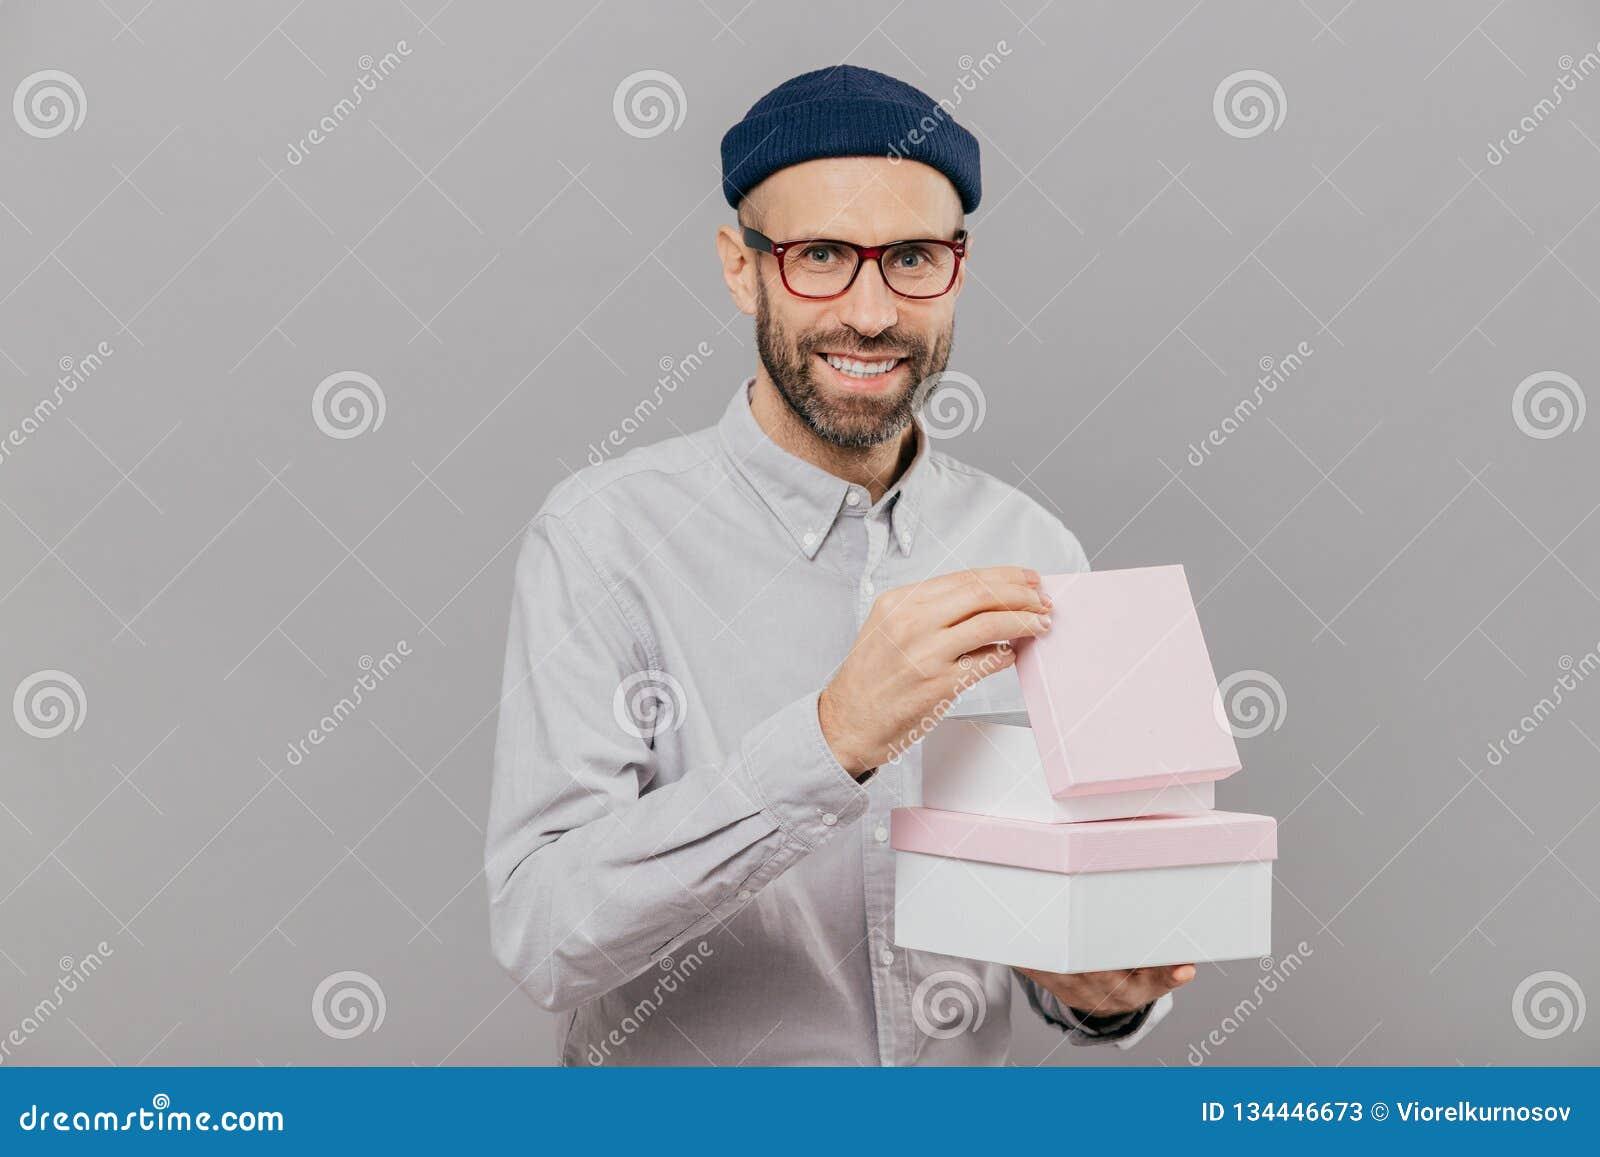 Το θετικό αξύριστο άτομο έχει τις καλαμιές, φέρνει τα κιβώτια με το παρόν, ανοίγει έναν από τους, έχει την ευτυχή έκφραση του προ